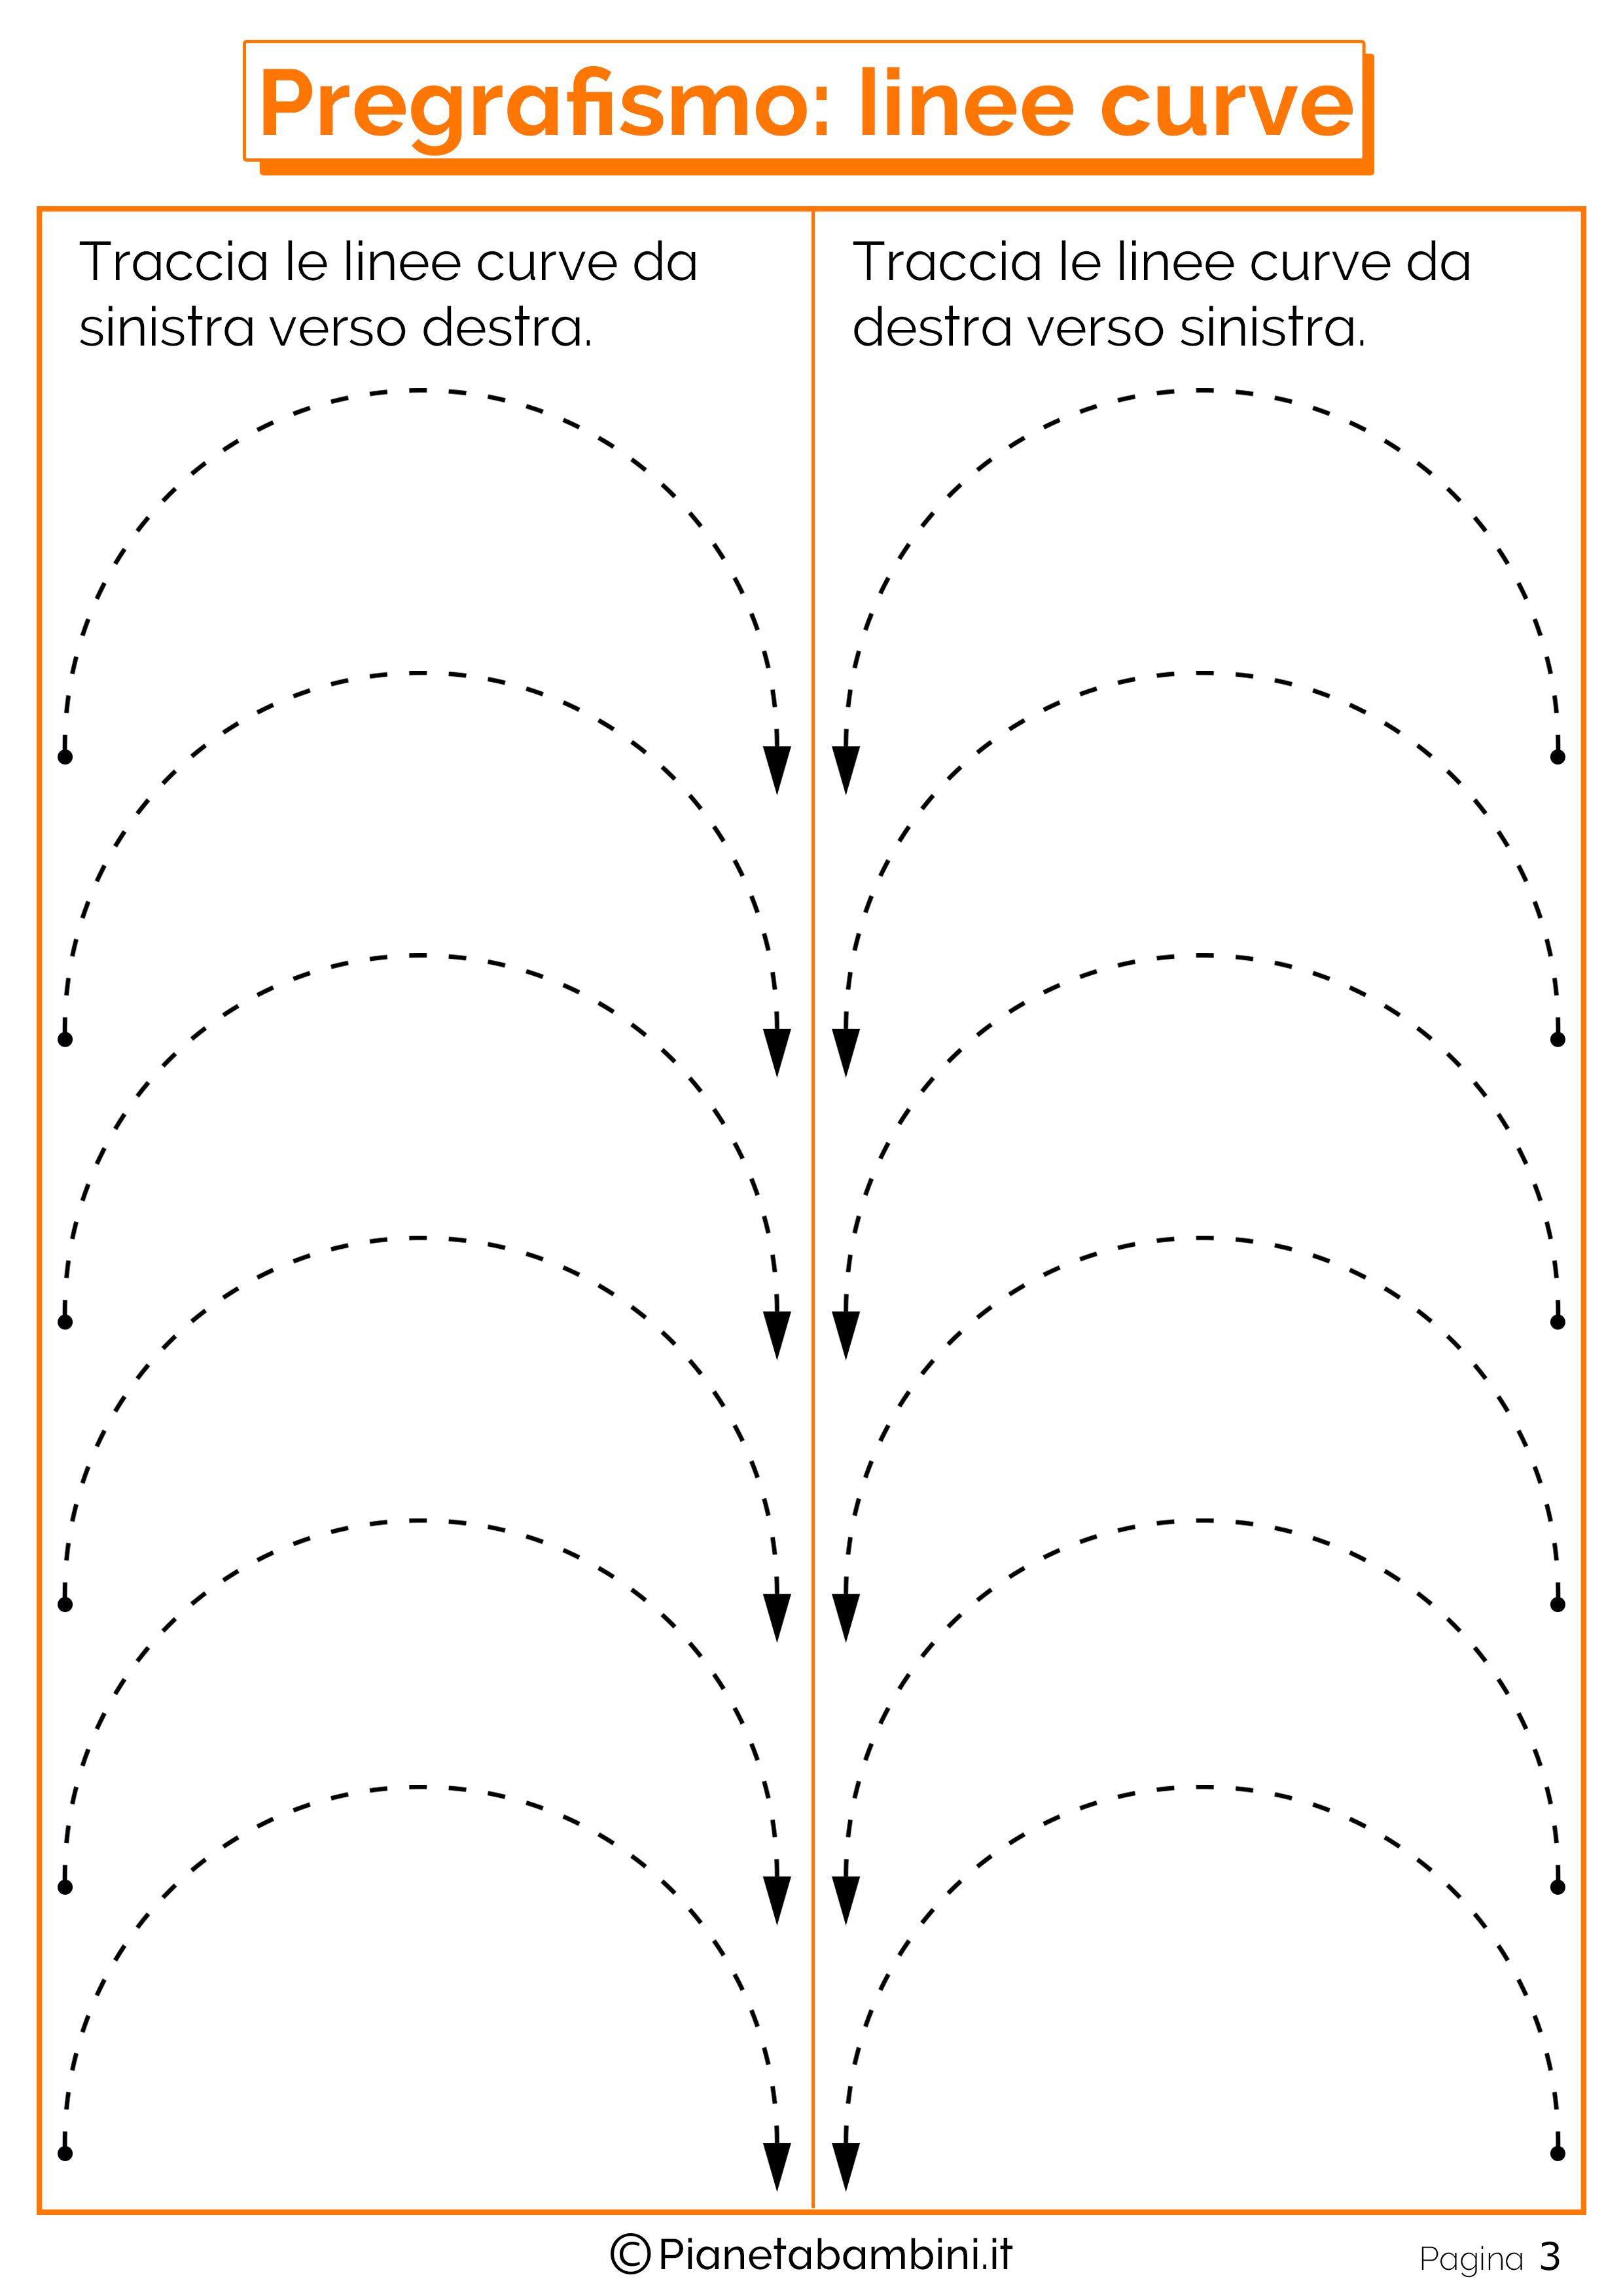 Pregrafismo-Linee-Curve_03